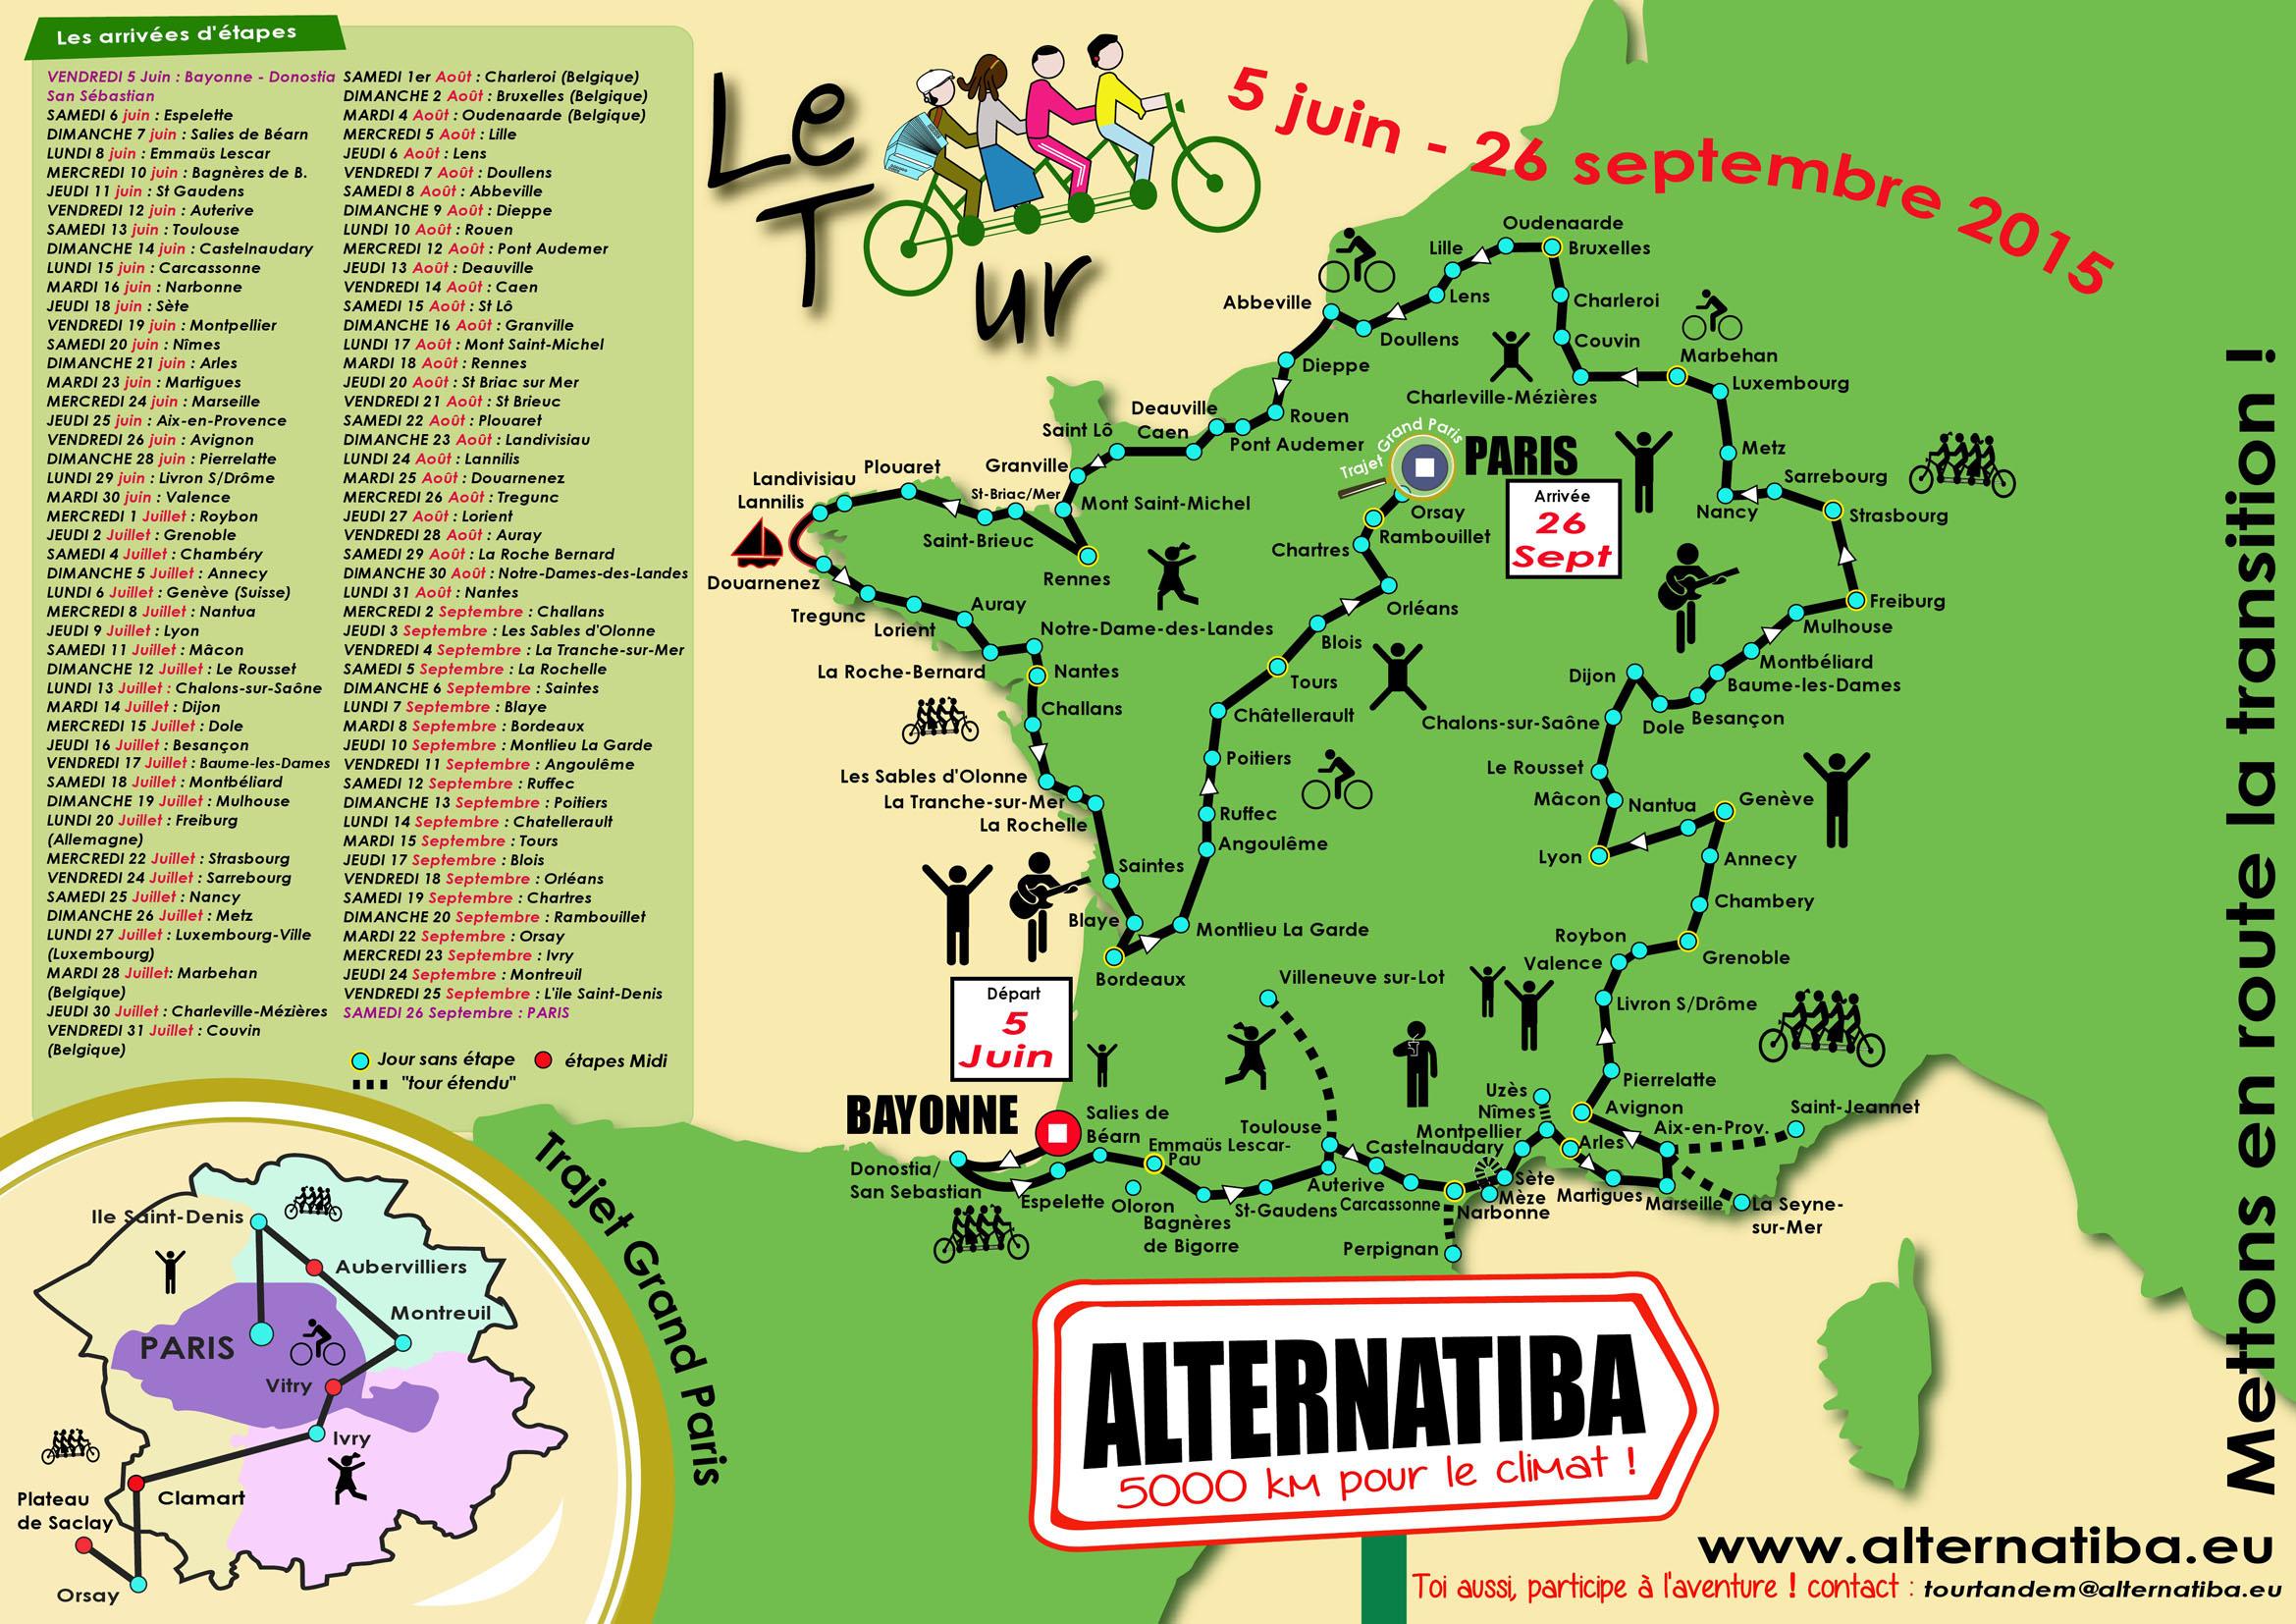 letourversionFINALE Alternatiba à St Go le 11 juin